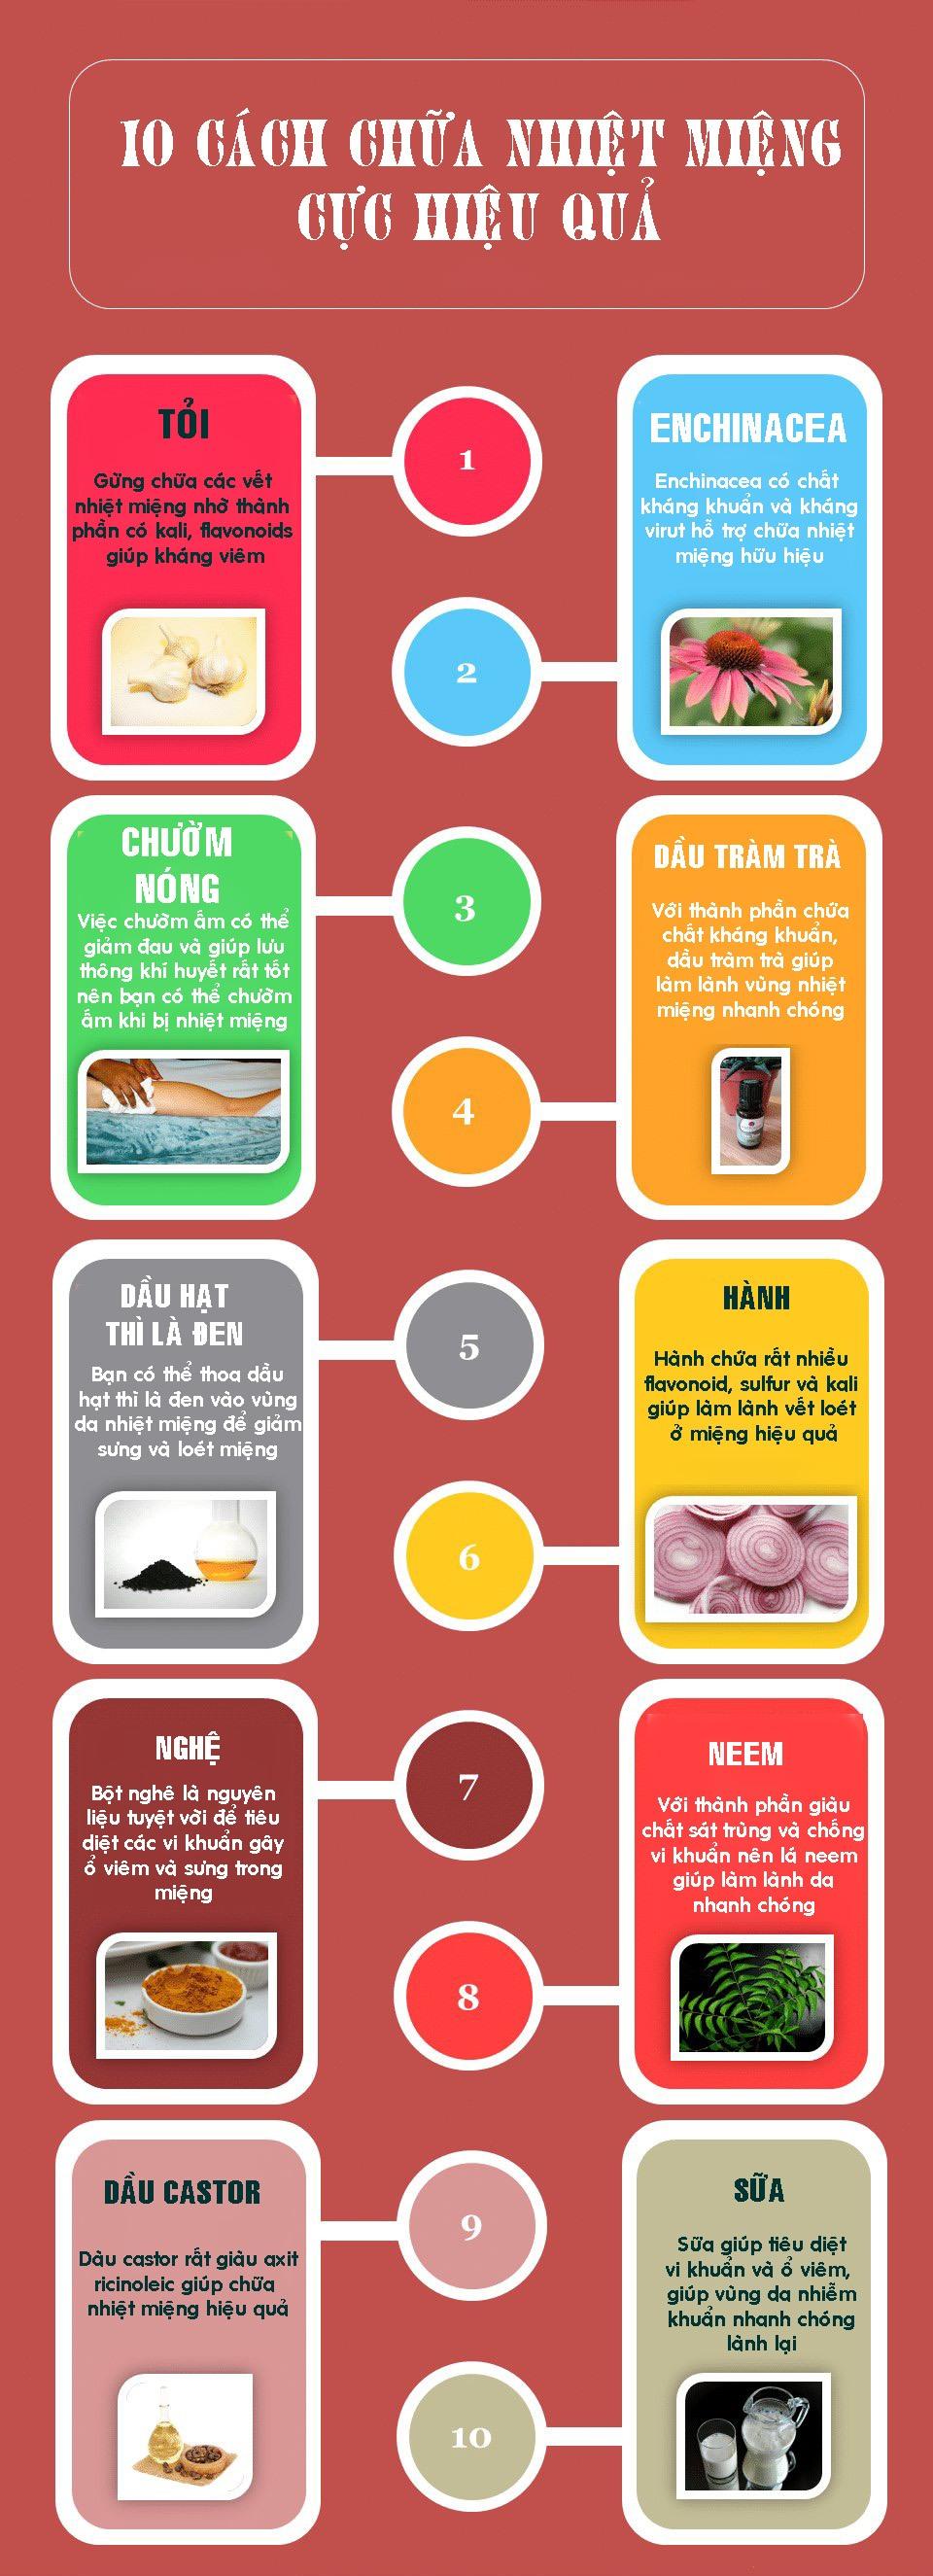 Bị nhiệt miệng mùa Đông cứ áp dụng 10 cách này đảm bảo khỏi luôn và ngay - 1